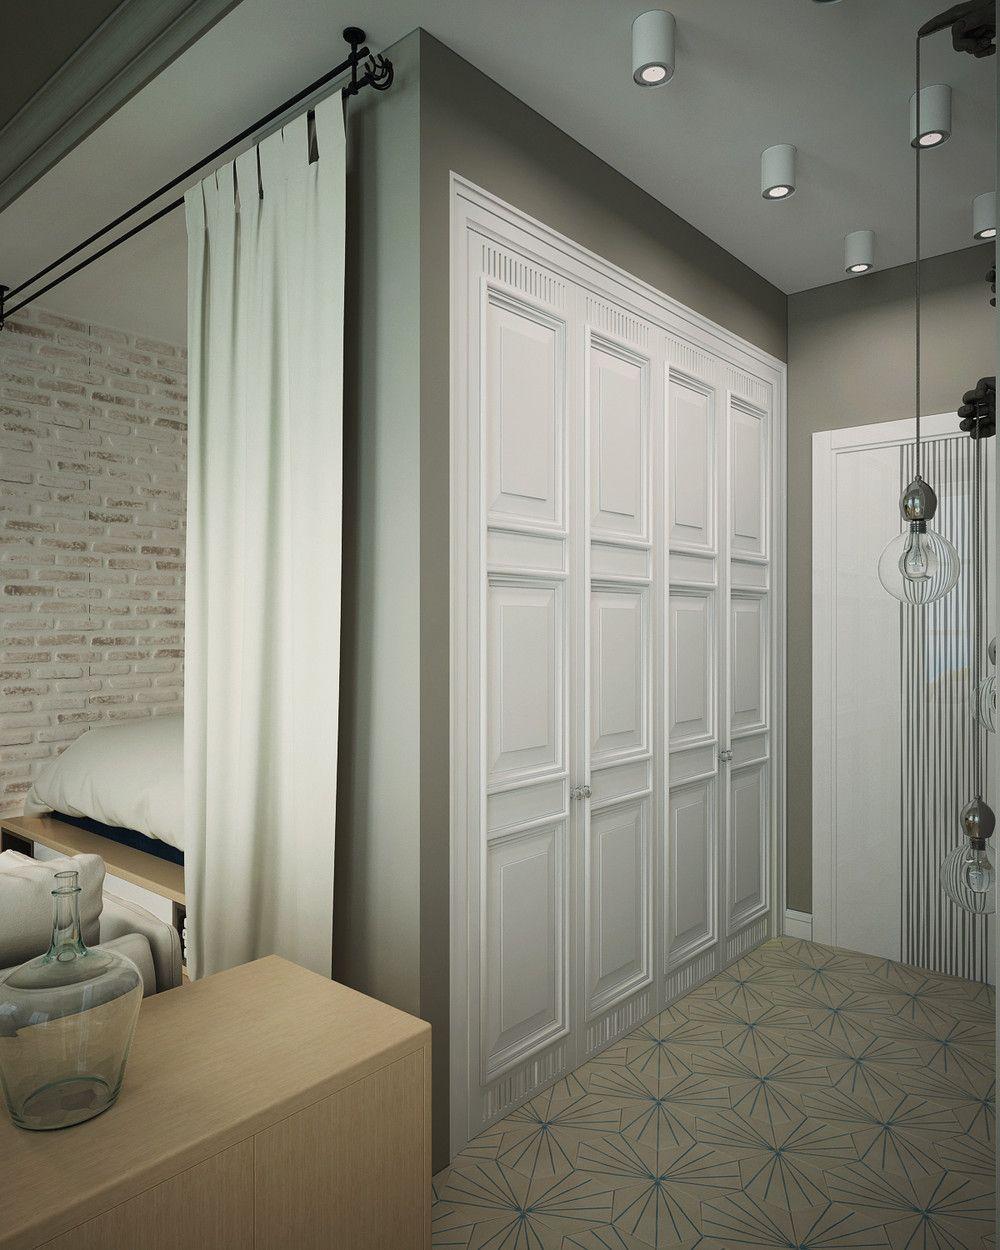 Die Besten Ideen, Ihr Kleines Apartment Design Zu Renovieren, Sieht Mit  Einem Einfachen Und Minimalistischen Interieur Stilvoller Aus #apartment  #besten ...